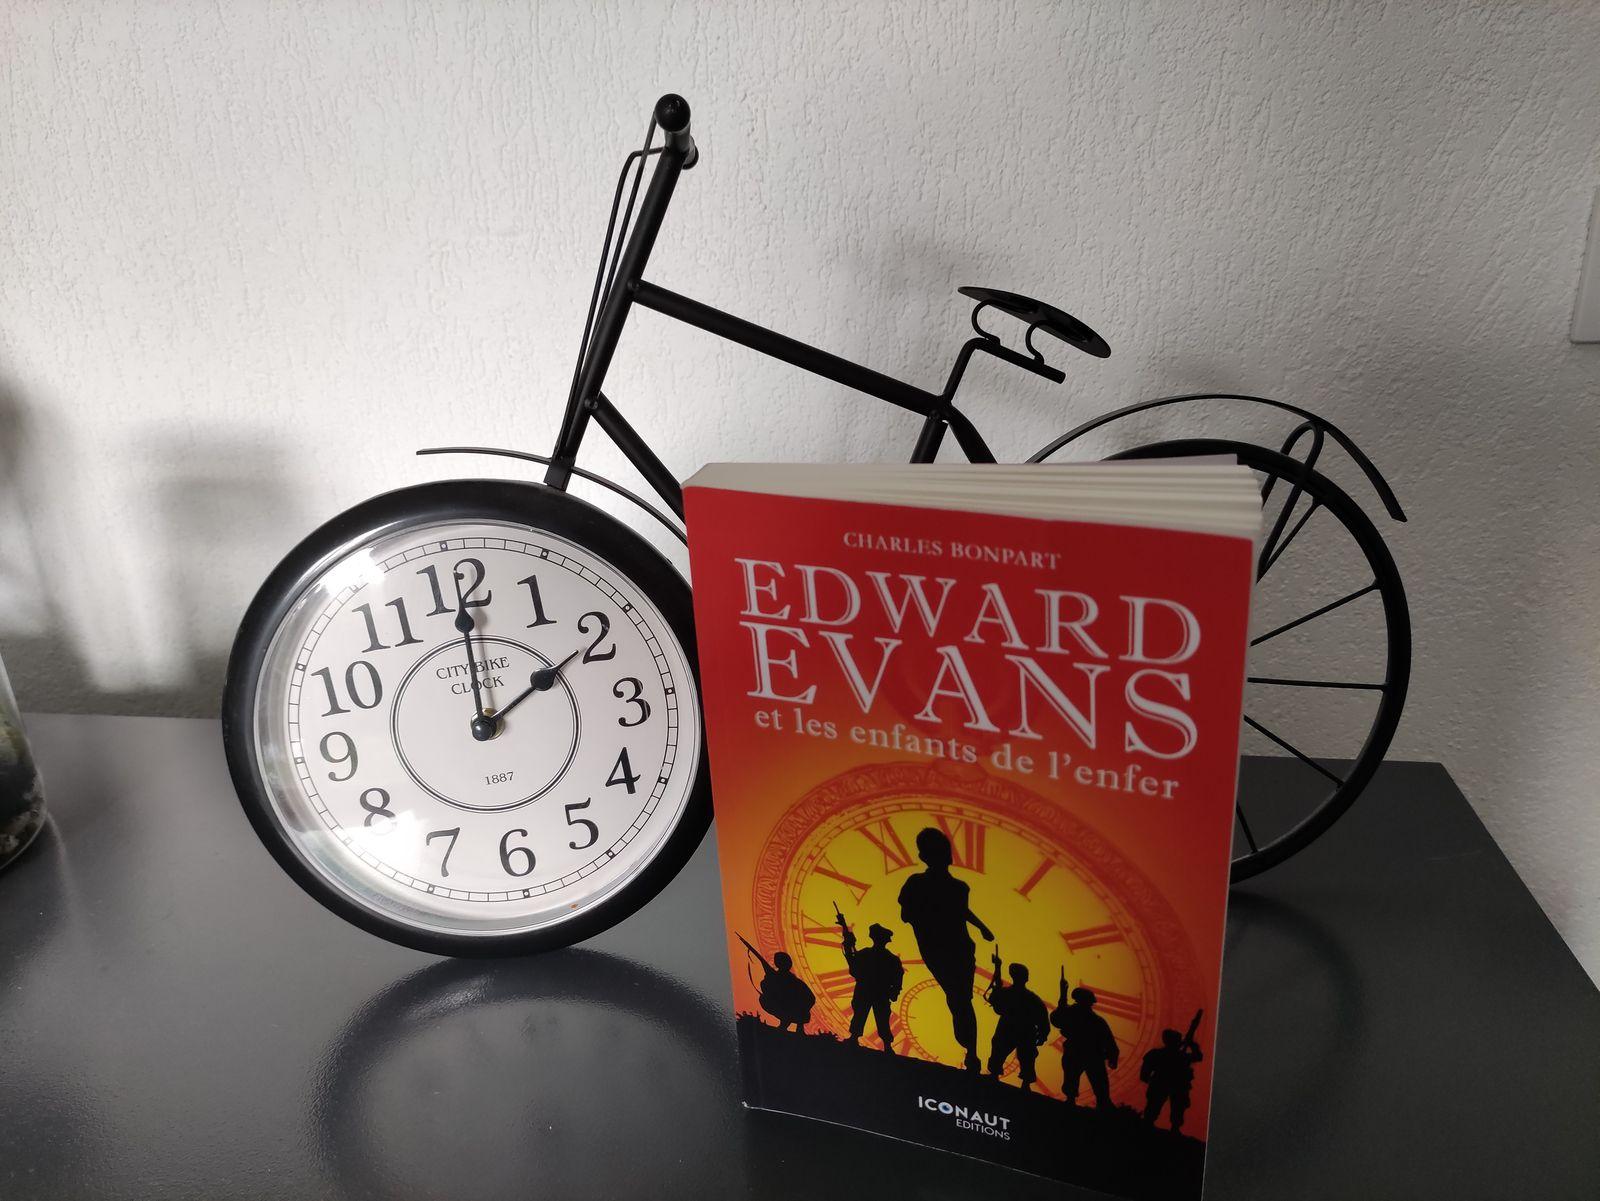 EDWARD EVANS et les enfants de l'enfer de Charles Bonpart